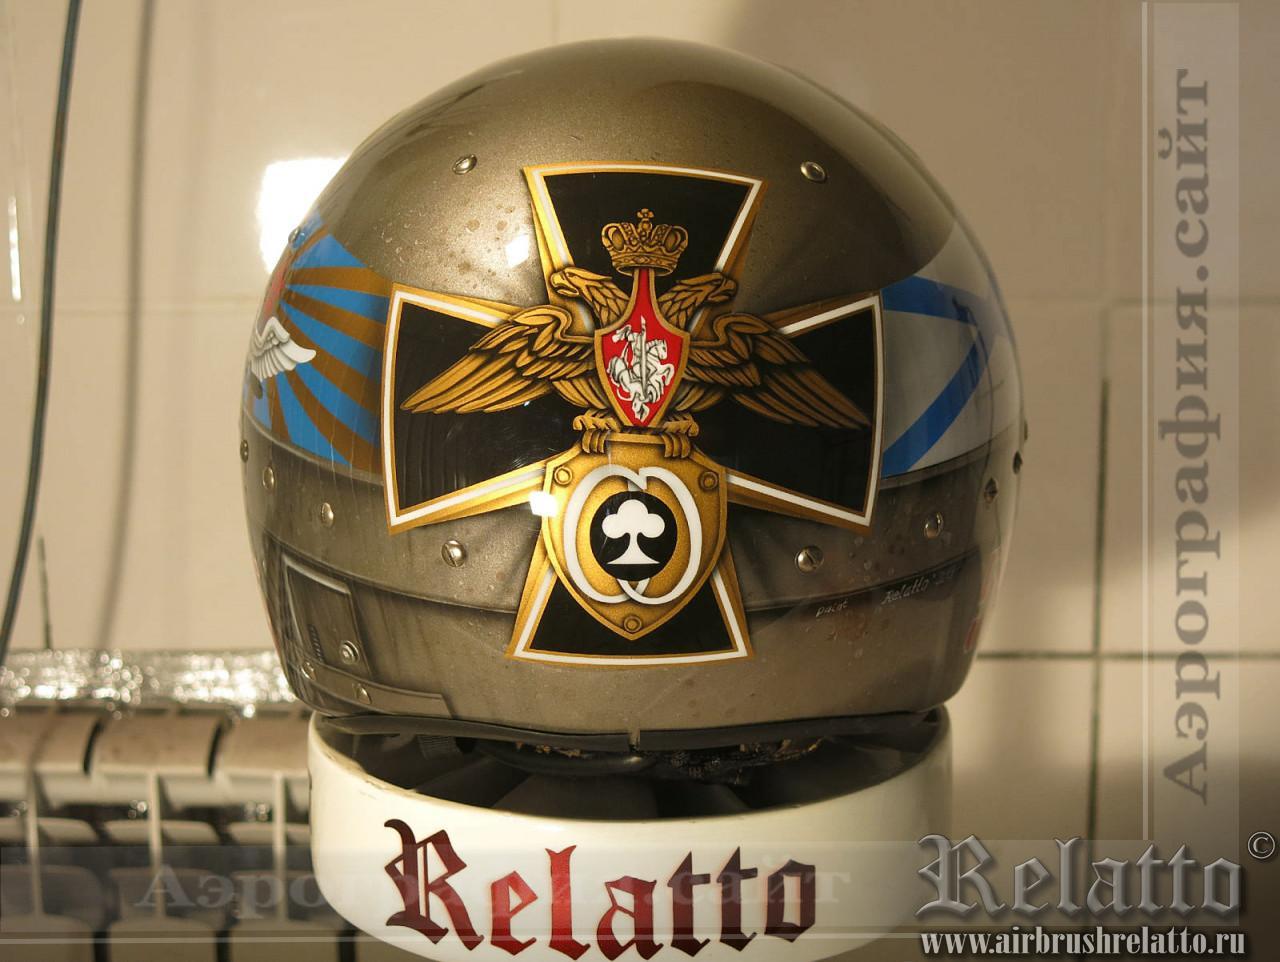 аэрография на шлеме в Краснодаре